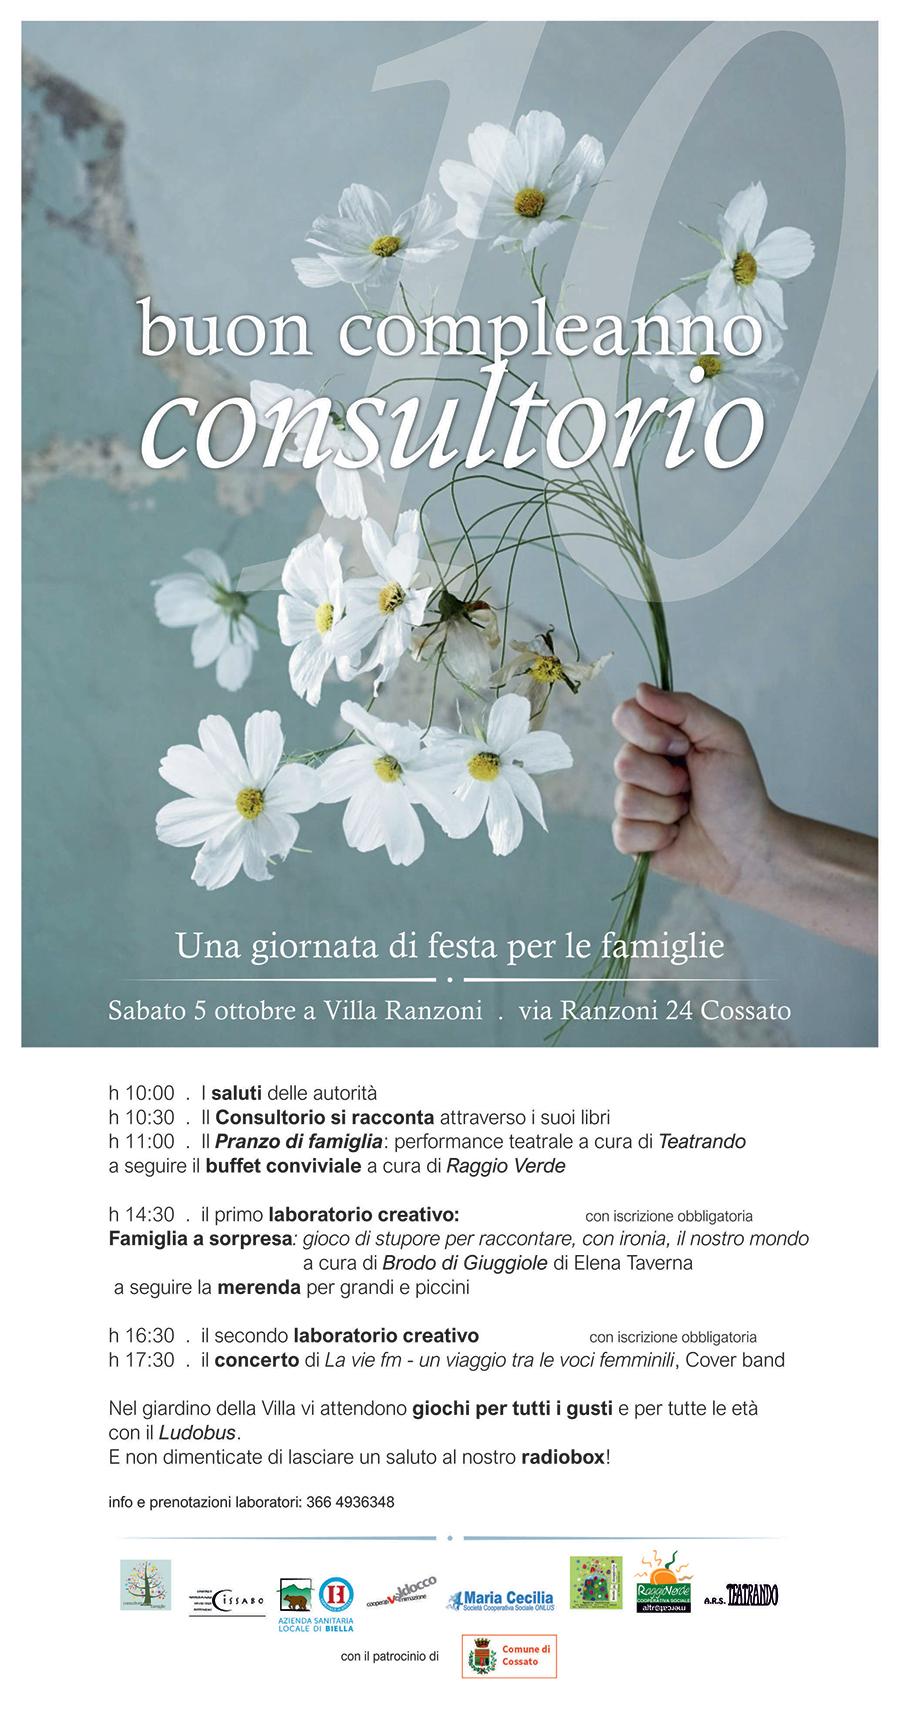 Maria Cecilia Buon Compleanno Consultorio